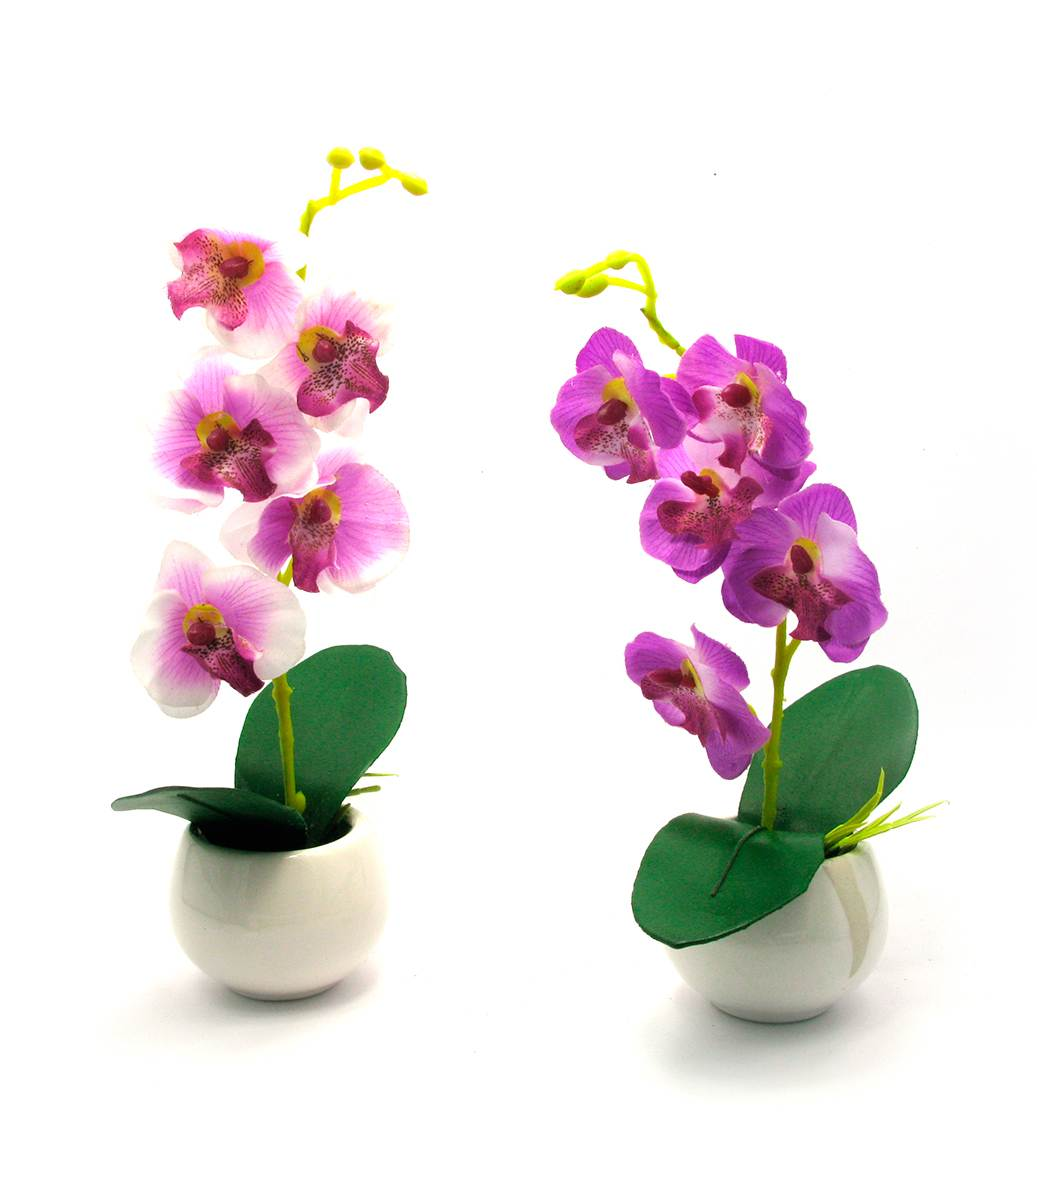 Орхидея и уход за эти цветком